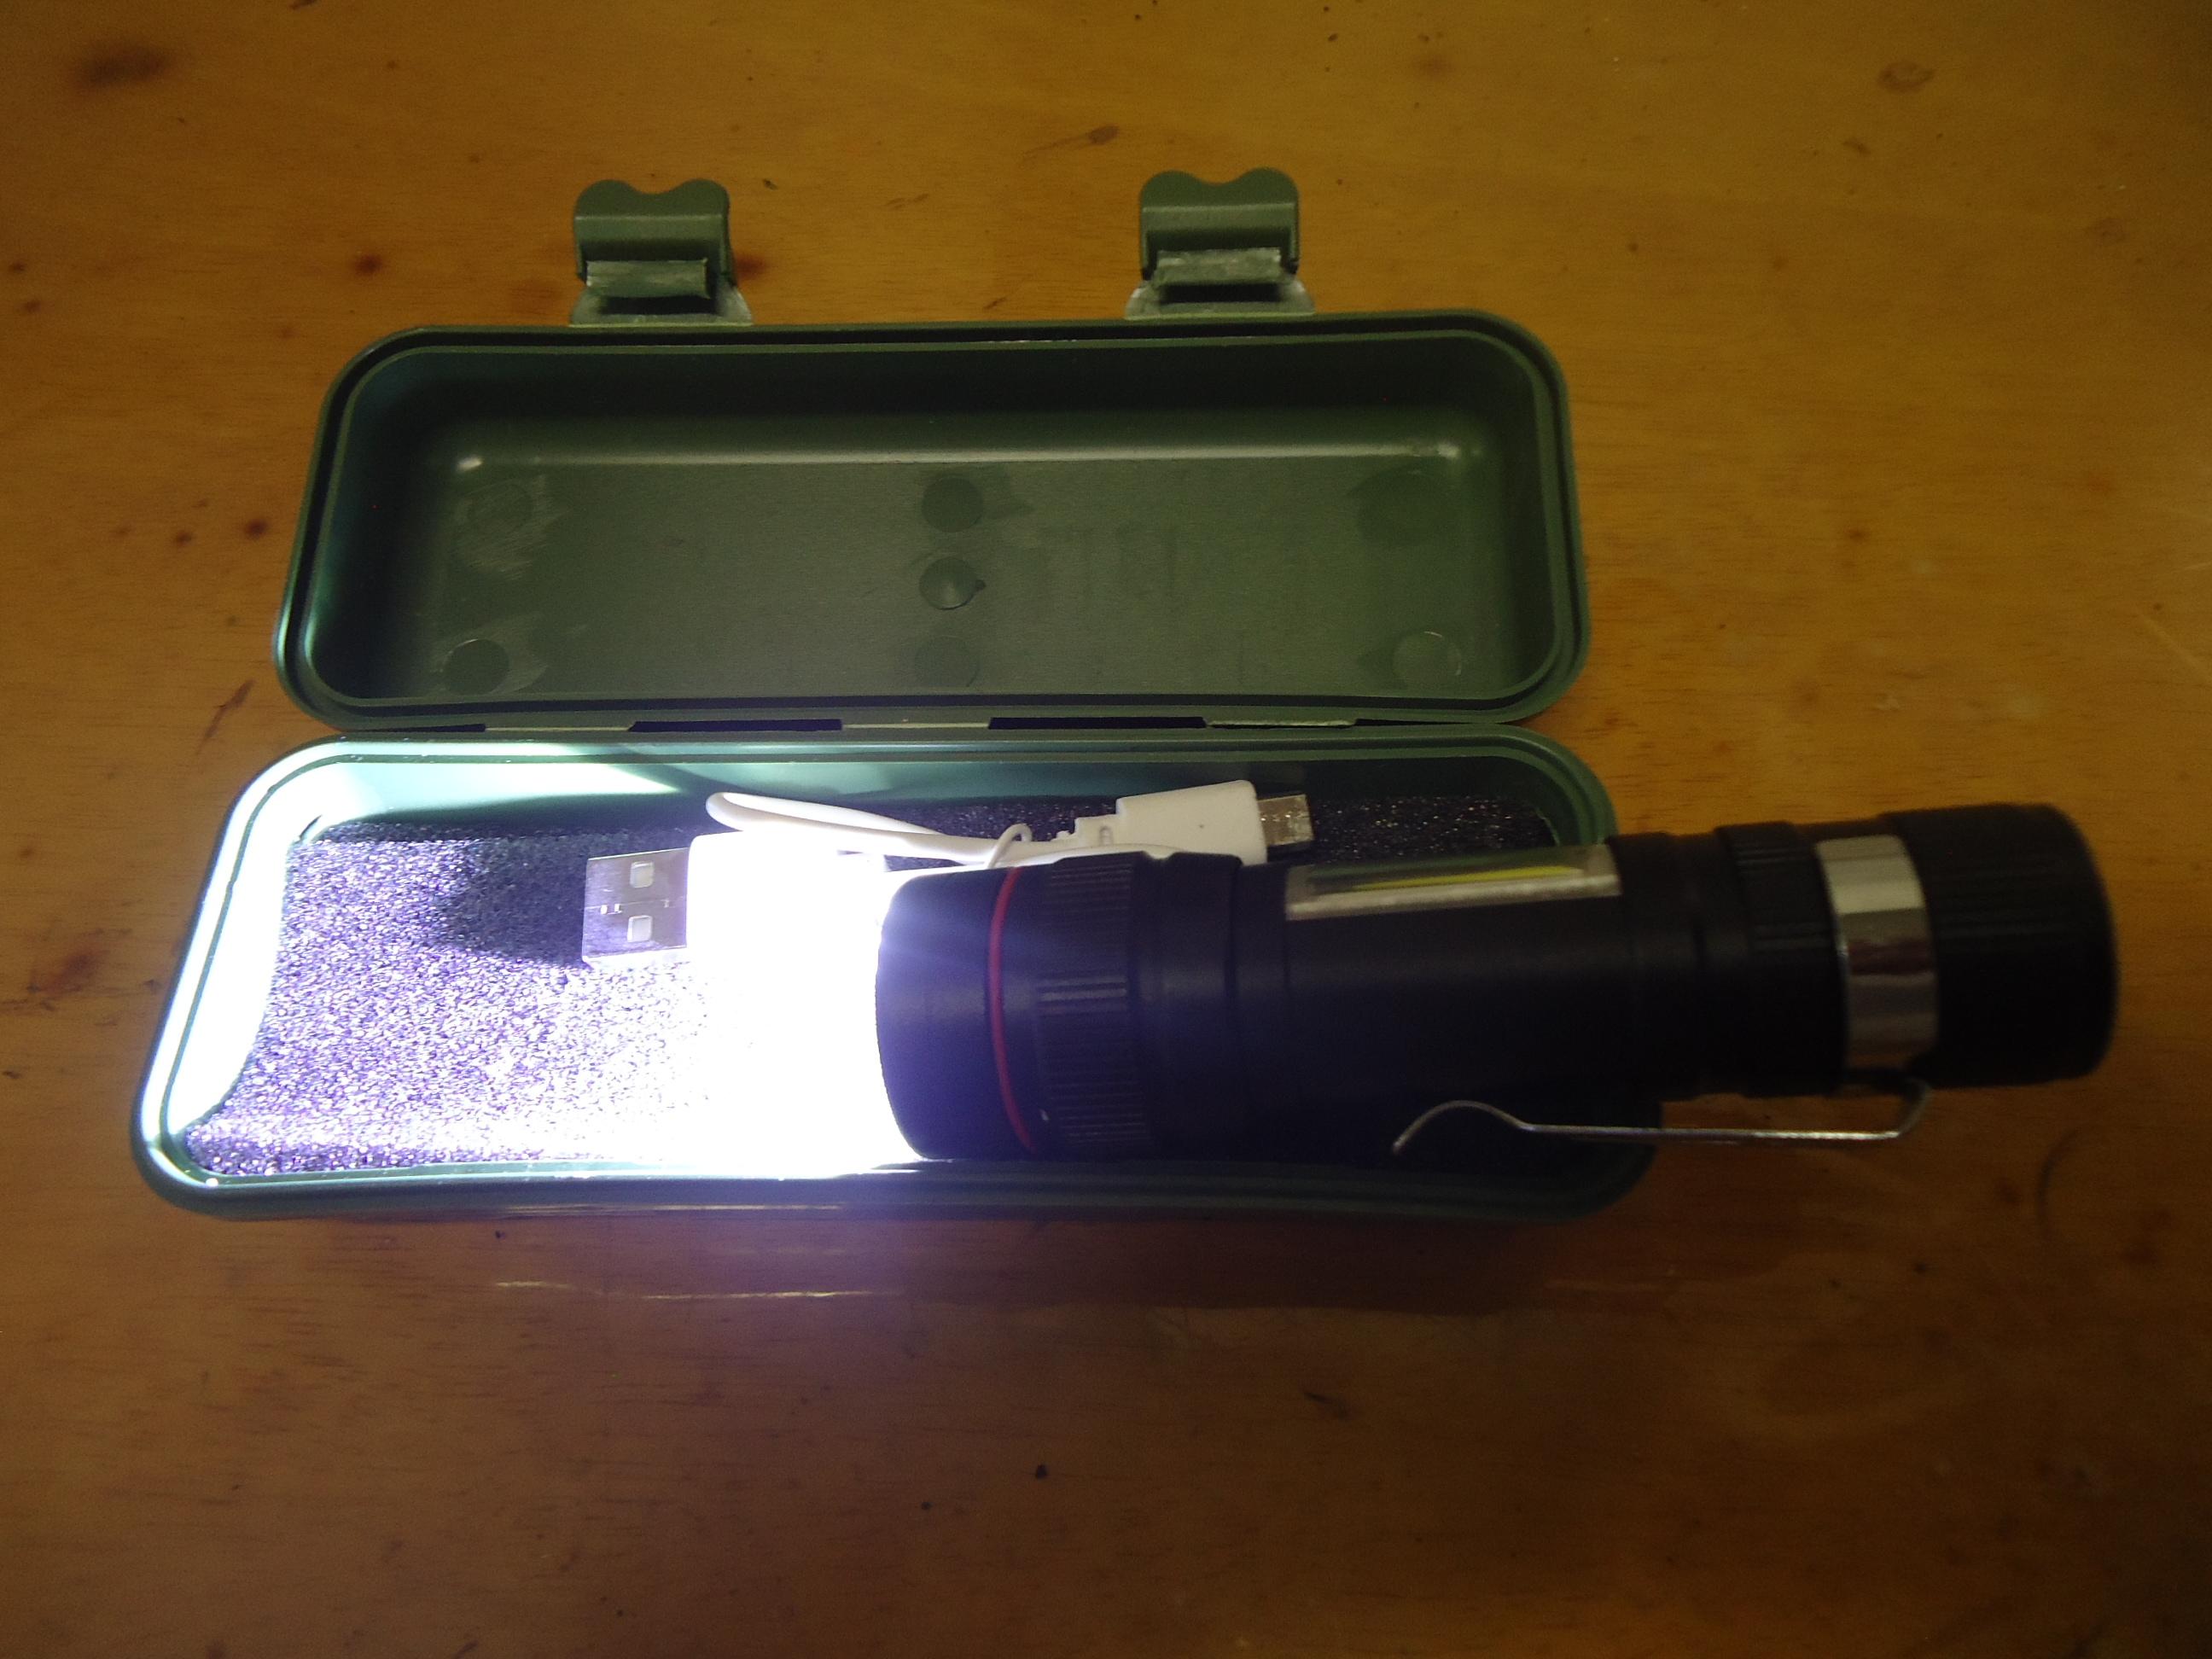 Foto da minha Outra Lanterna LED, Acesa.Fotografado com Sony Cybershot DSC-W320.